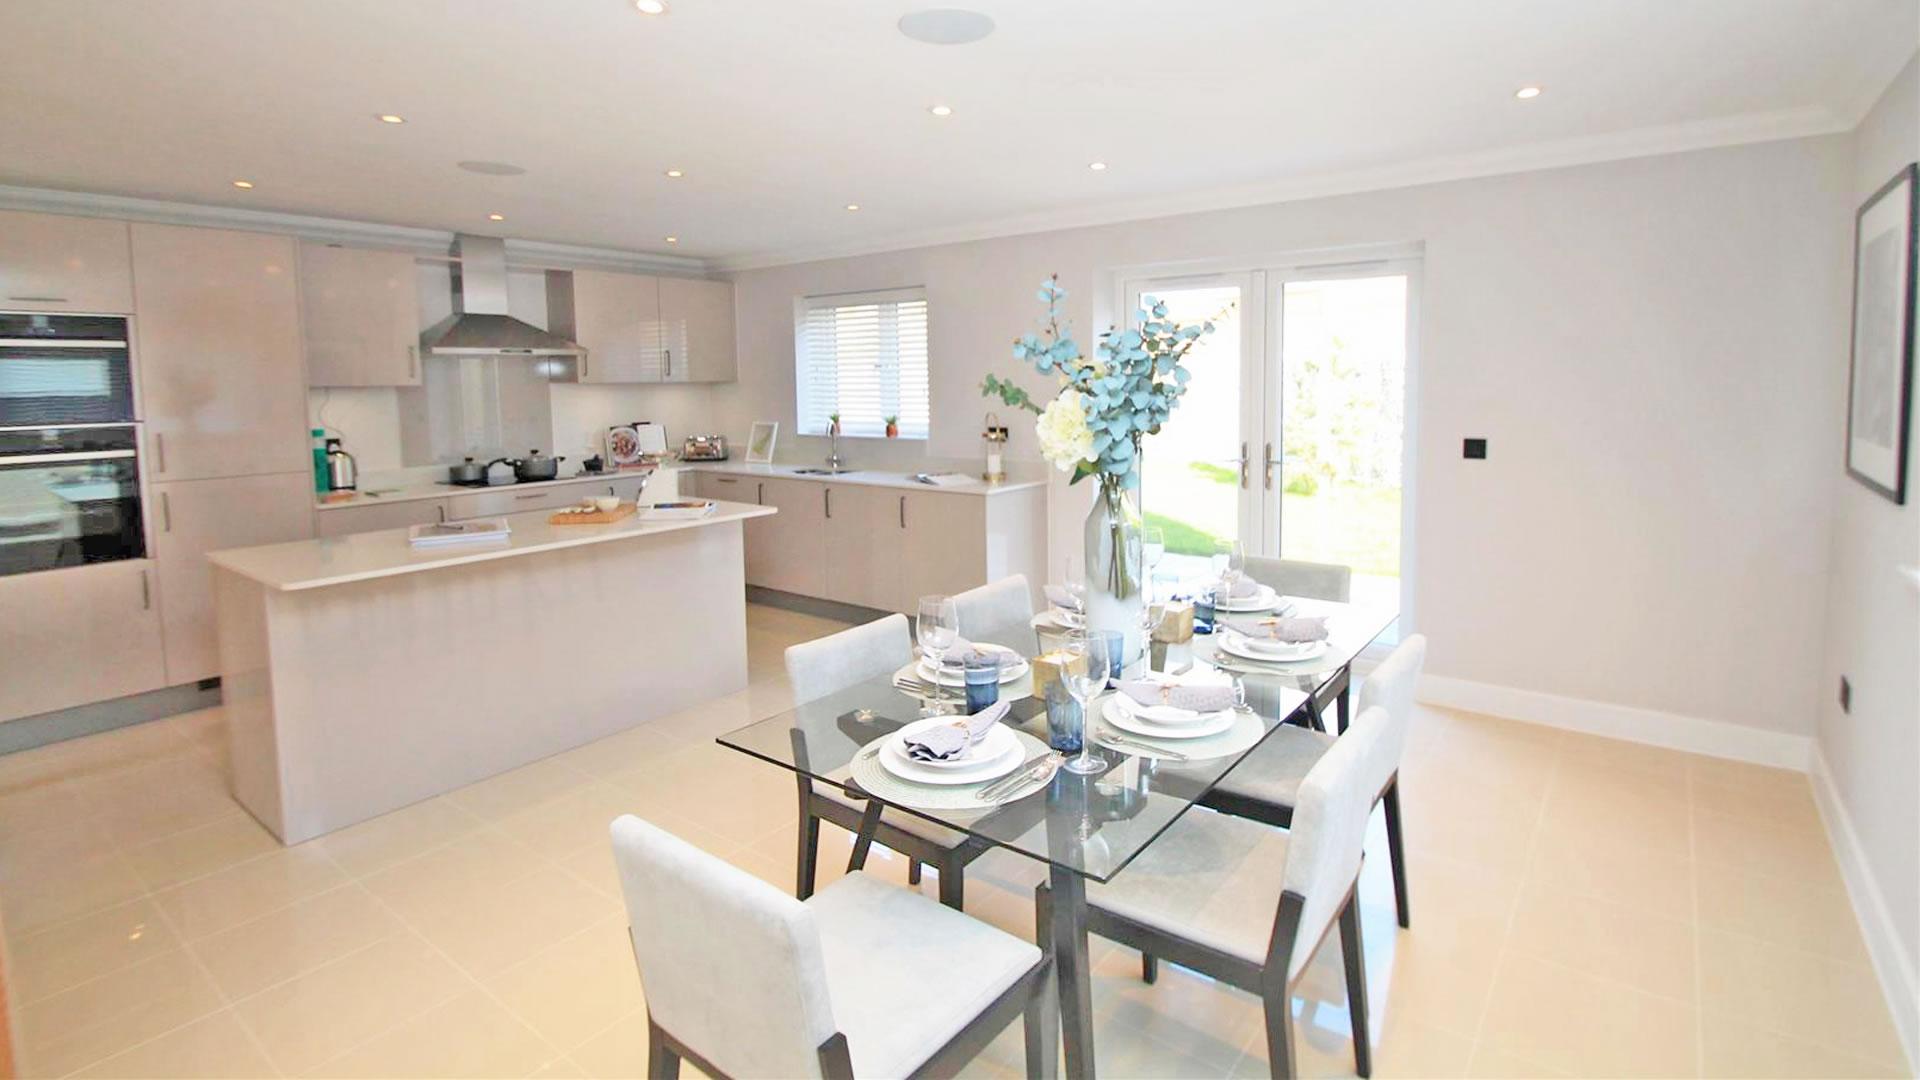 Castor Park kitchen and living room